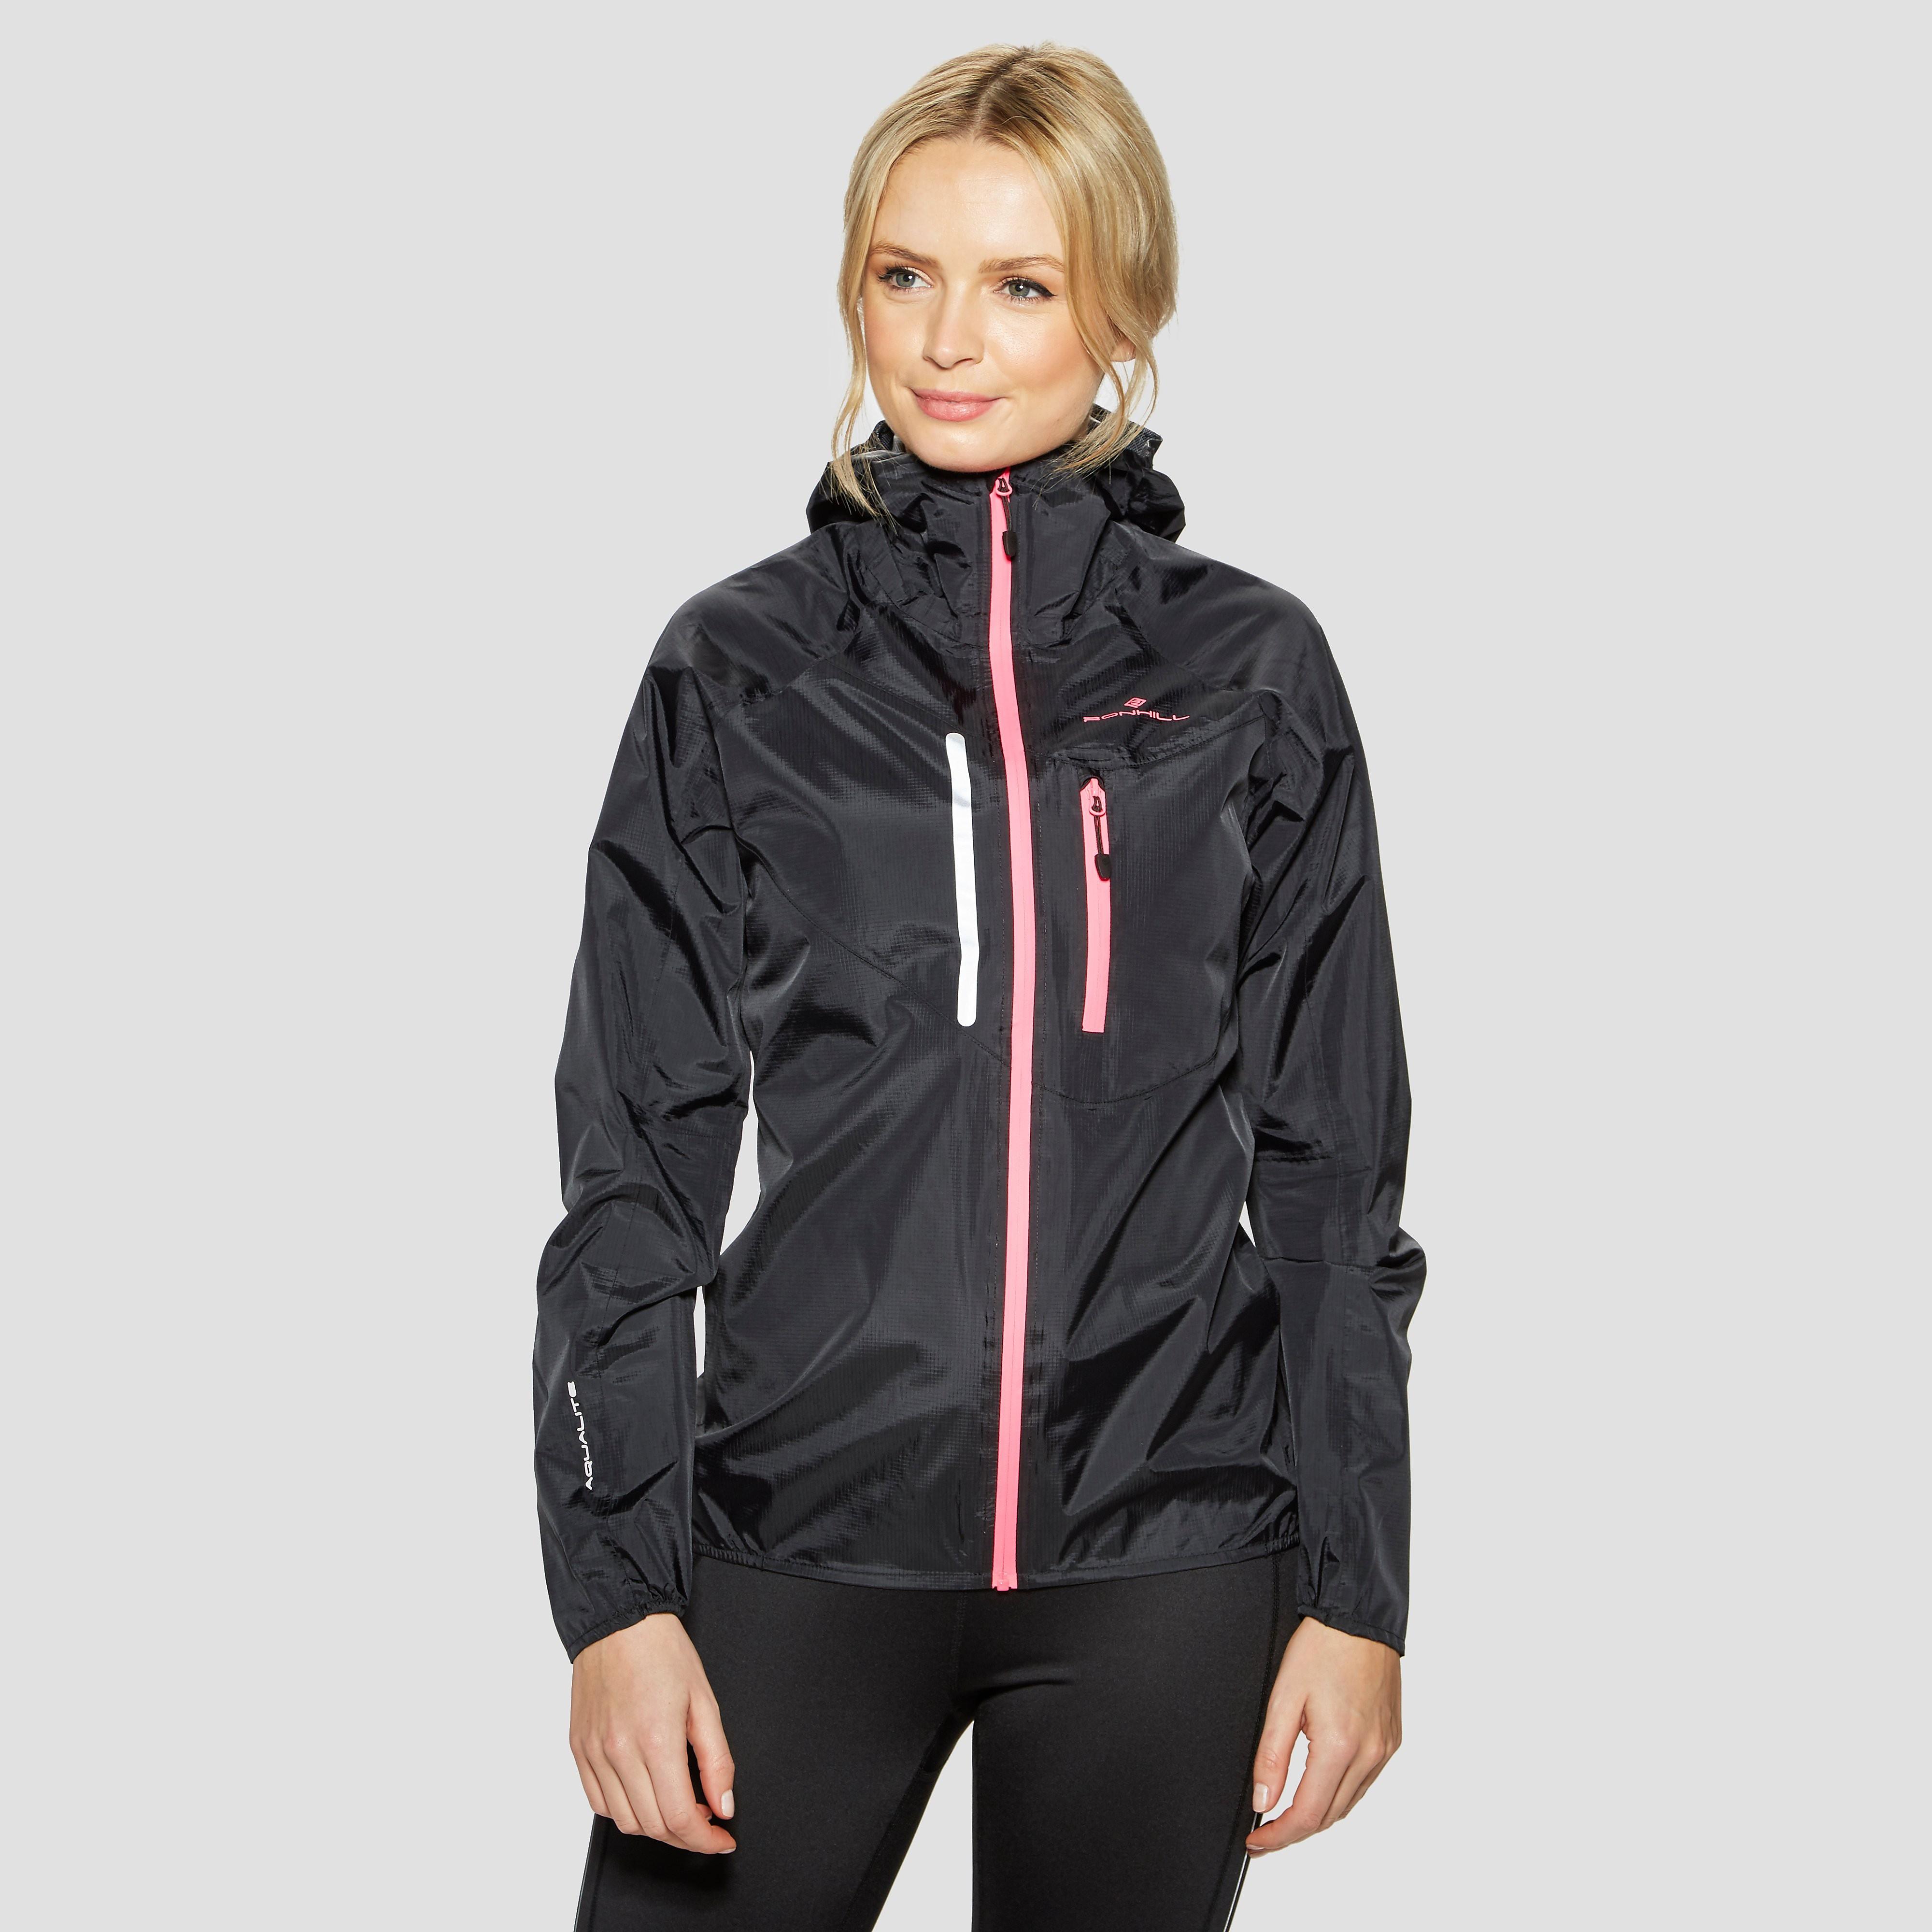 Ronhill Rainfall Women's Running Jacket